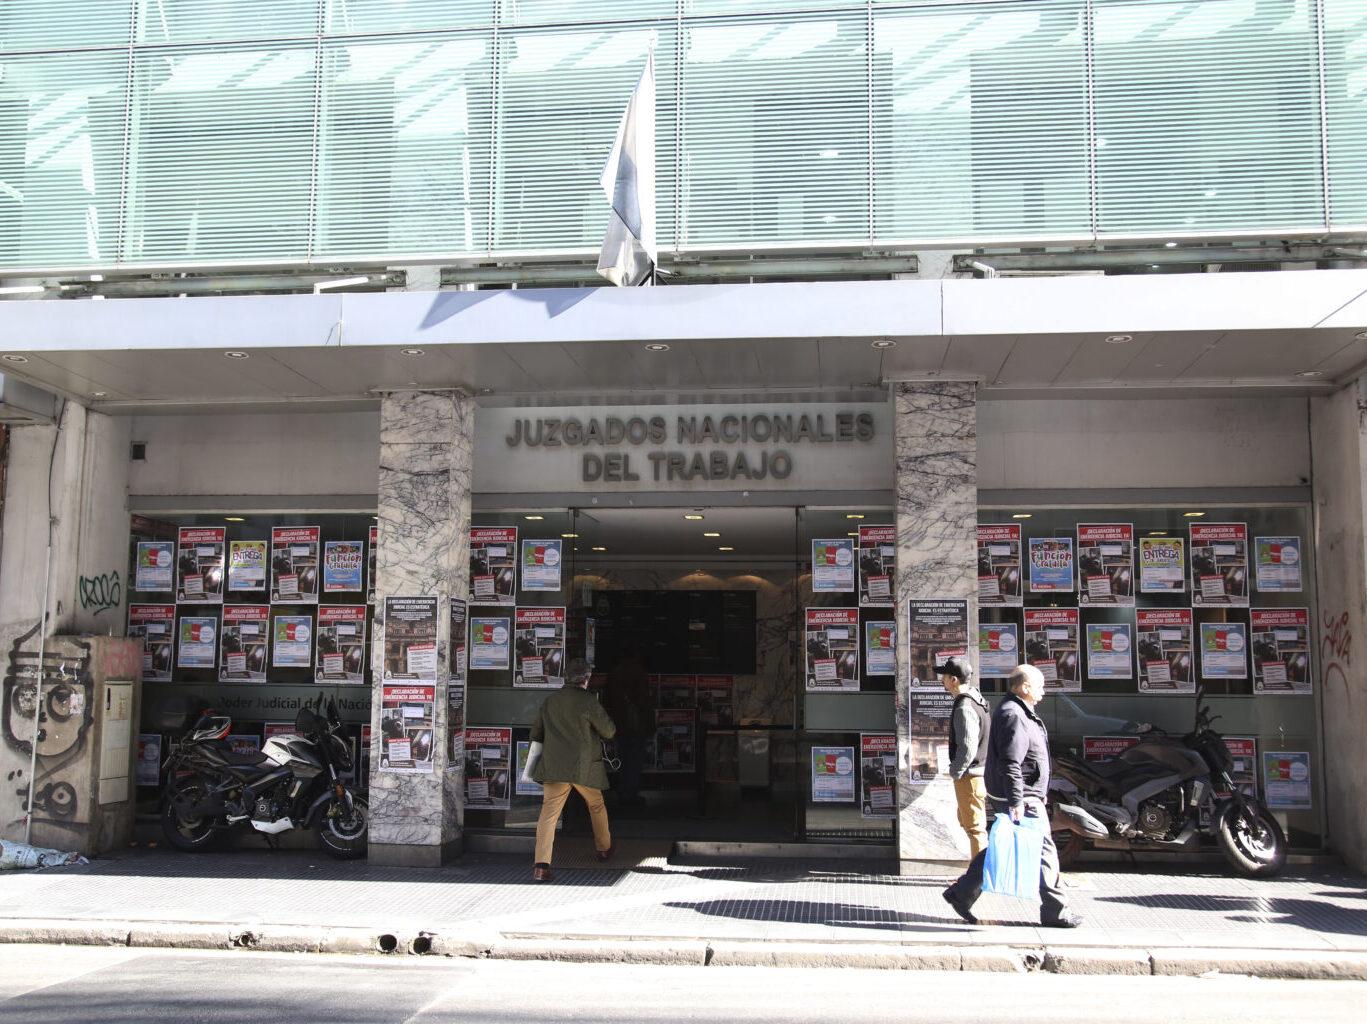 ¿Cómo funciona la Justicia Nacional del Trabajo en la cuarentena?